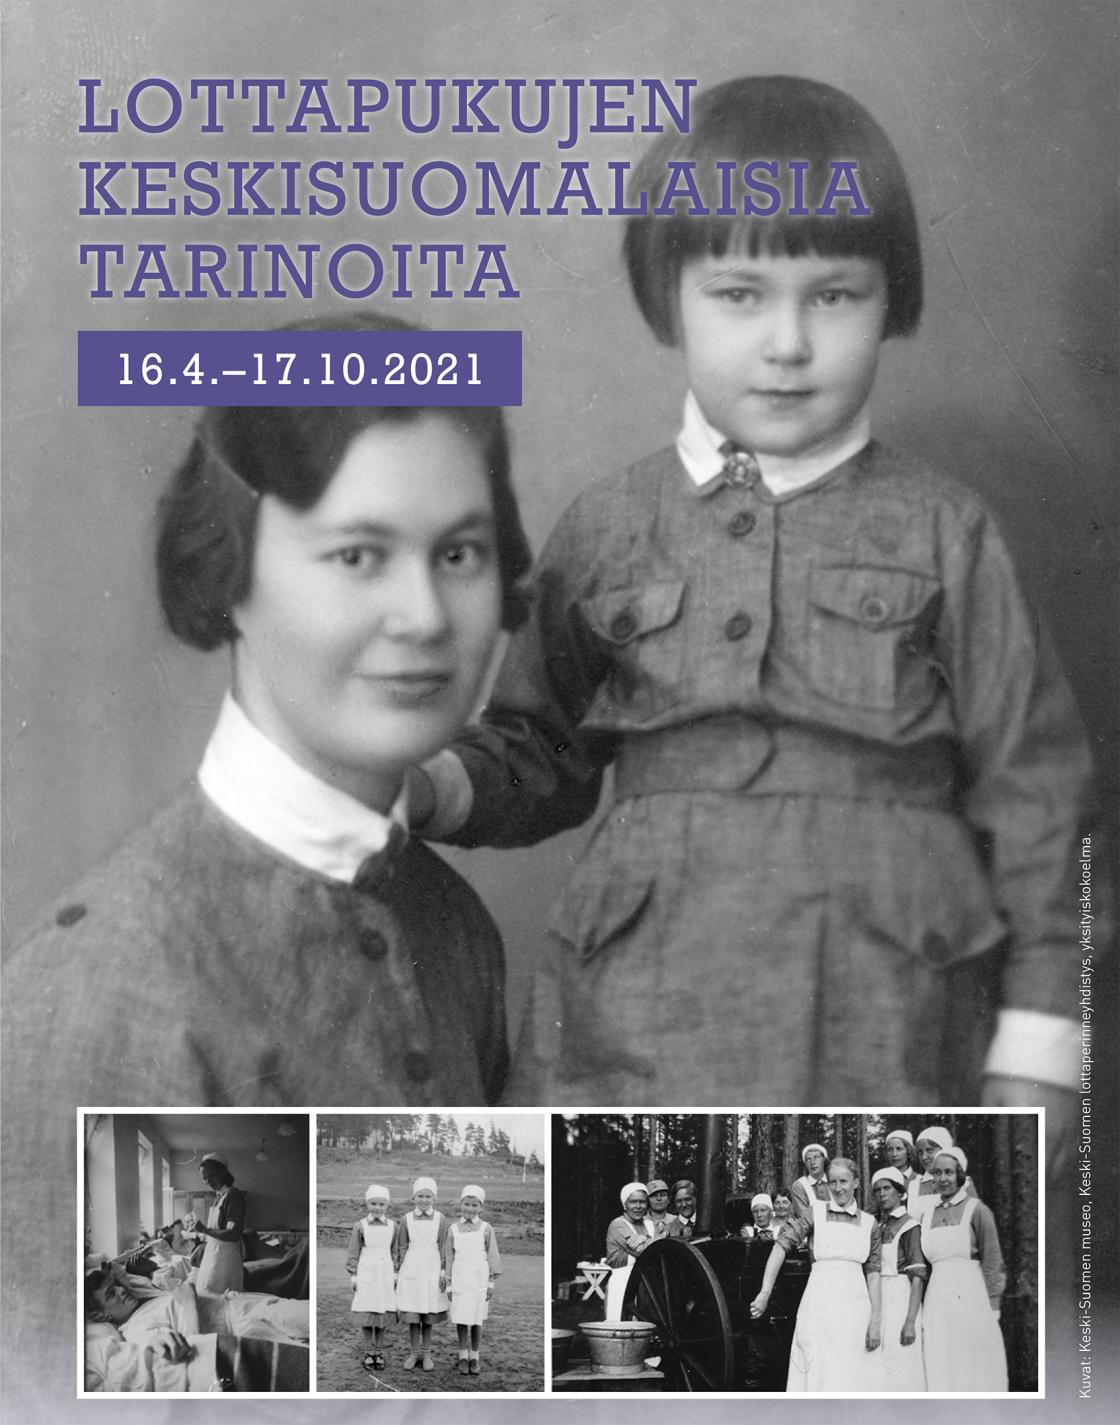 Lottapukujen keskisuomalaisia tarinoita -näyttelyn juliste.